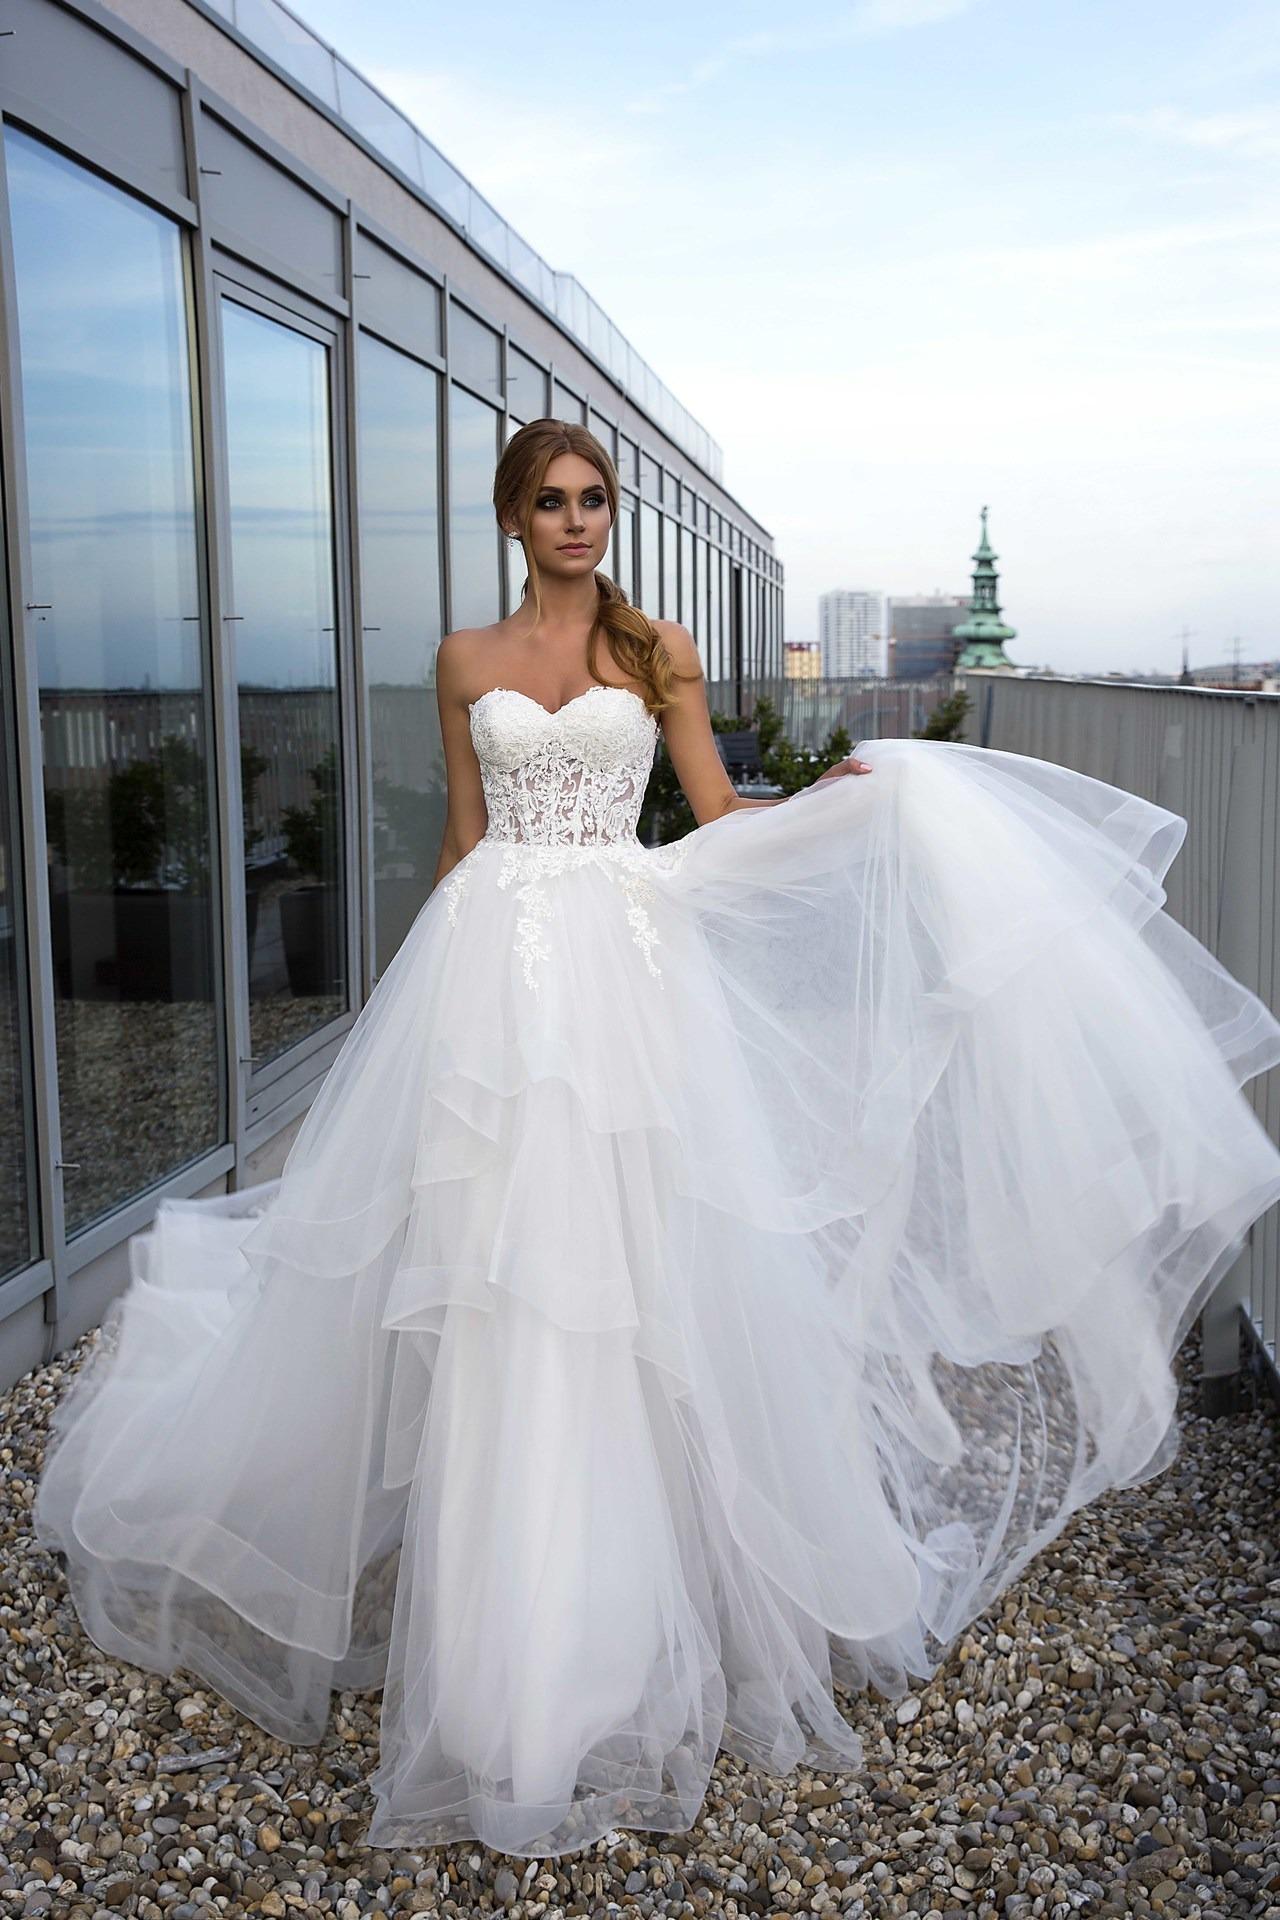 12a95a1d9327 Exkluzívny svadobný salón - svadobné šaty Olena